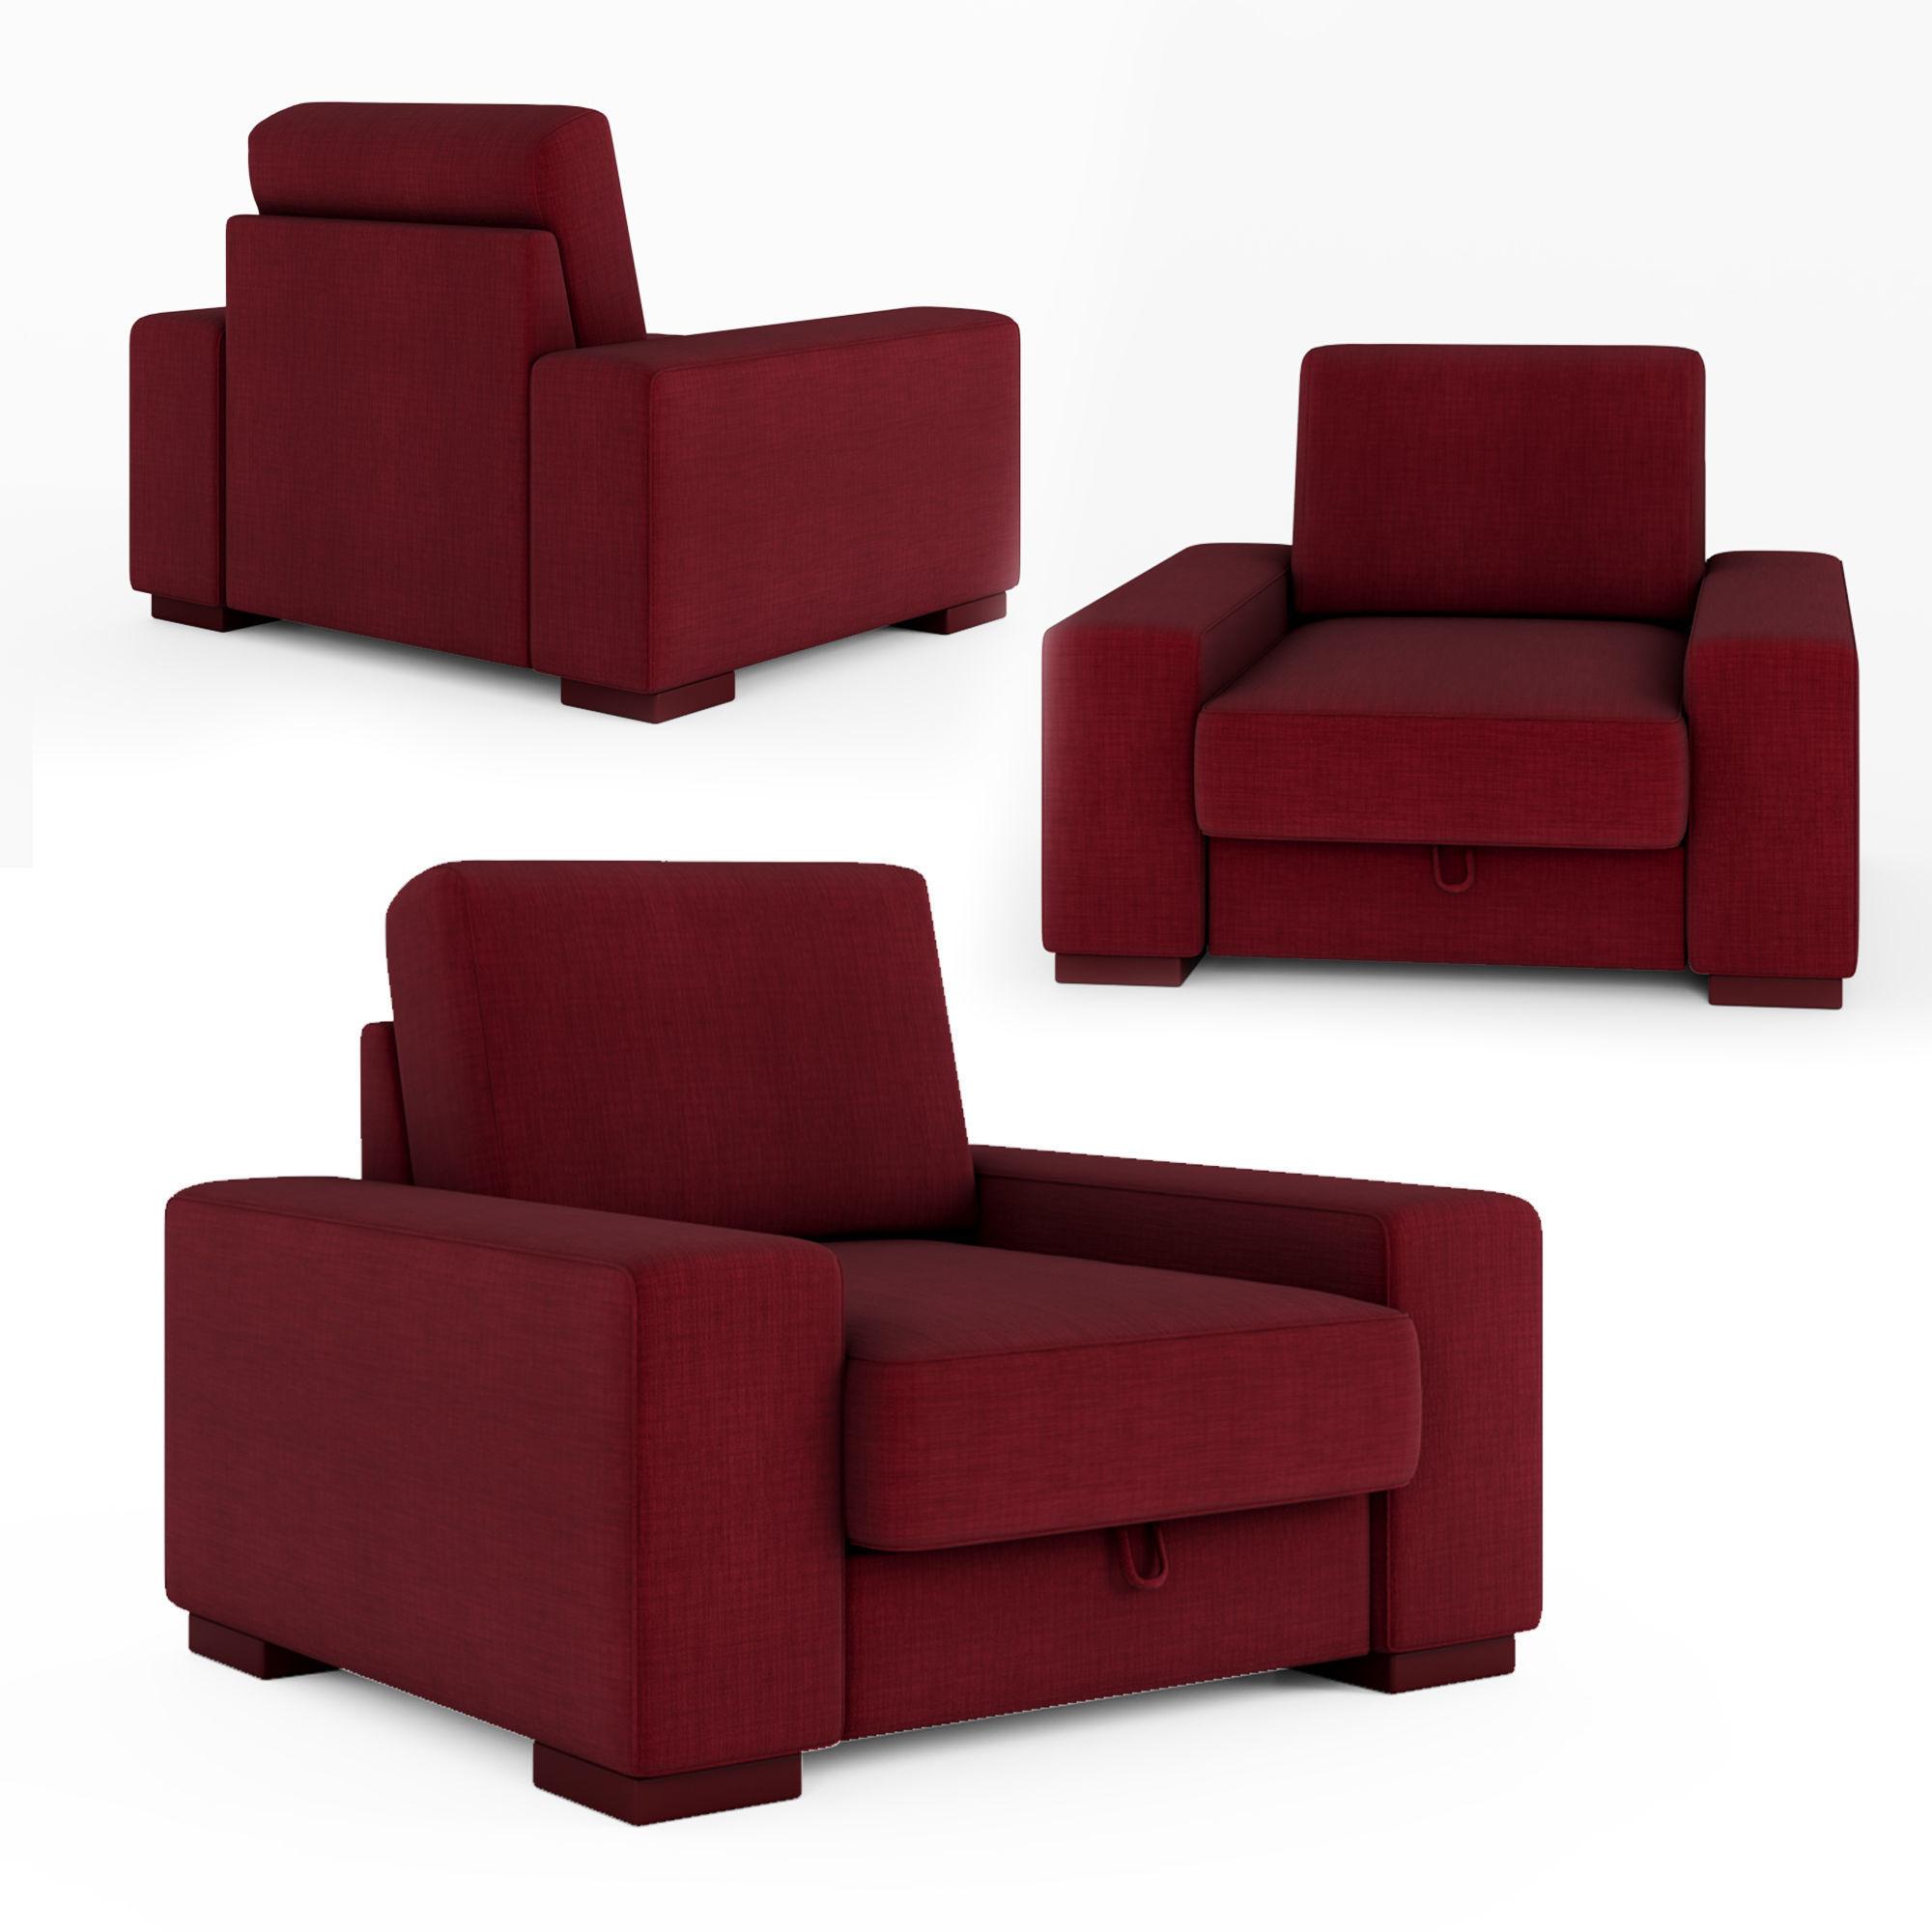 Manchester armchair